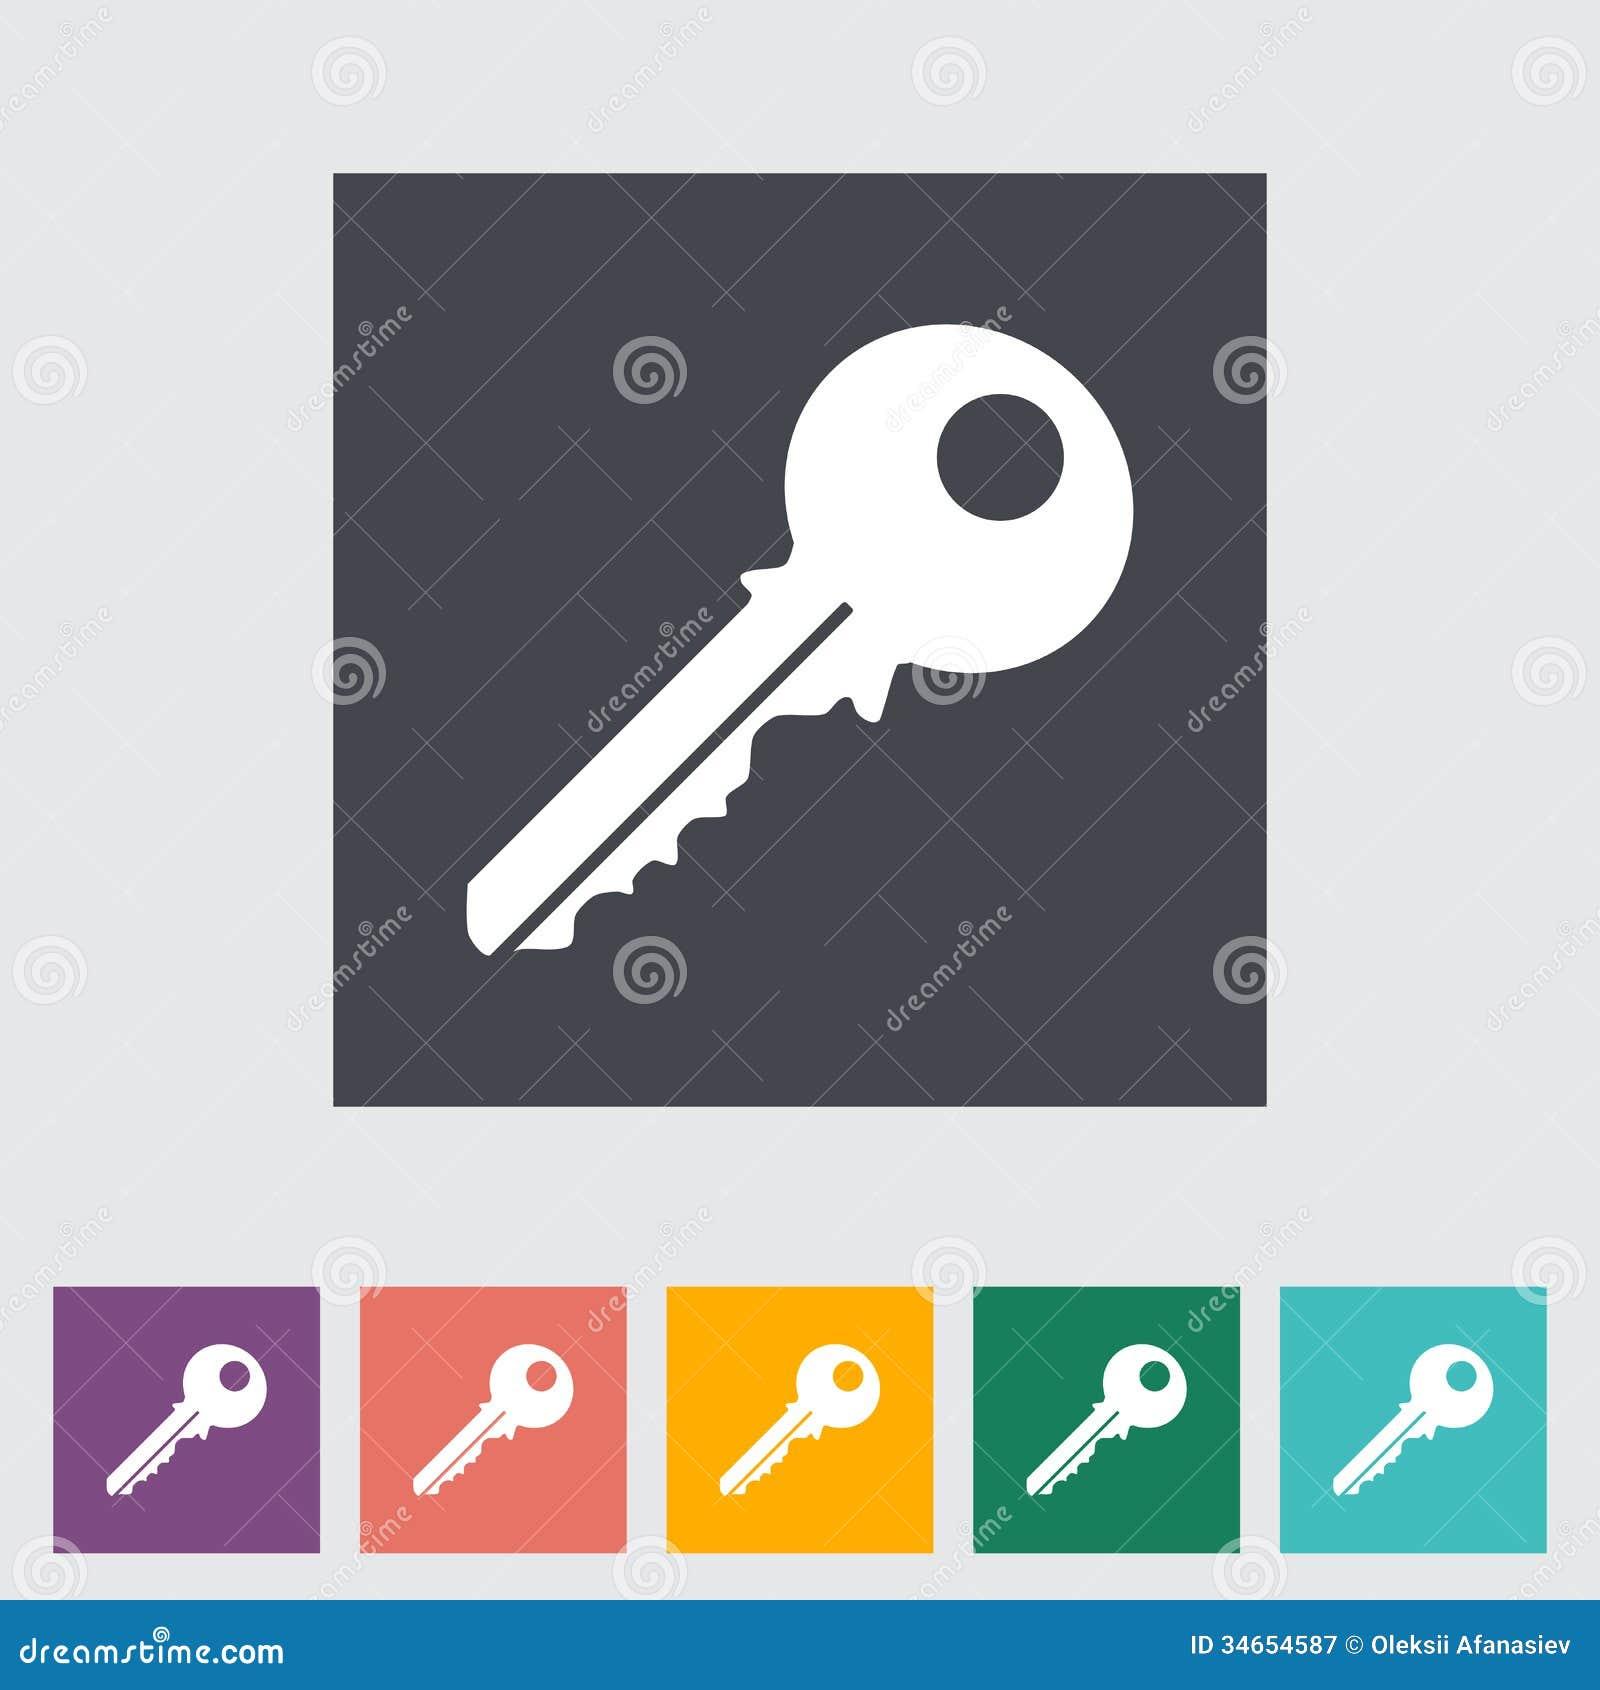 Vector Key Illustration: Key Icon Stock Vector. Illustration Of Regular, Black